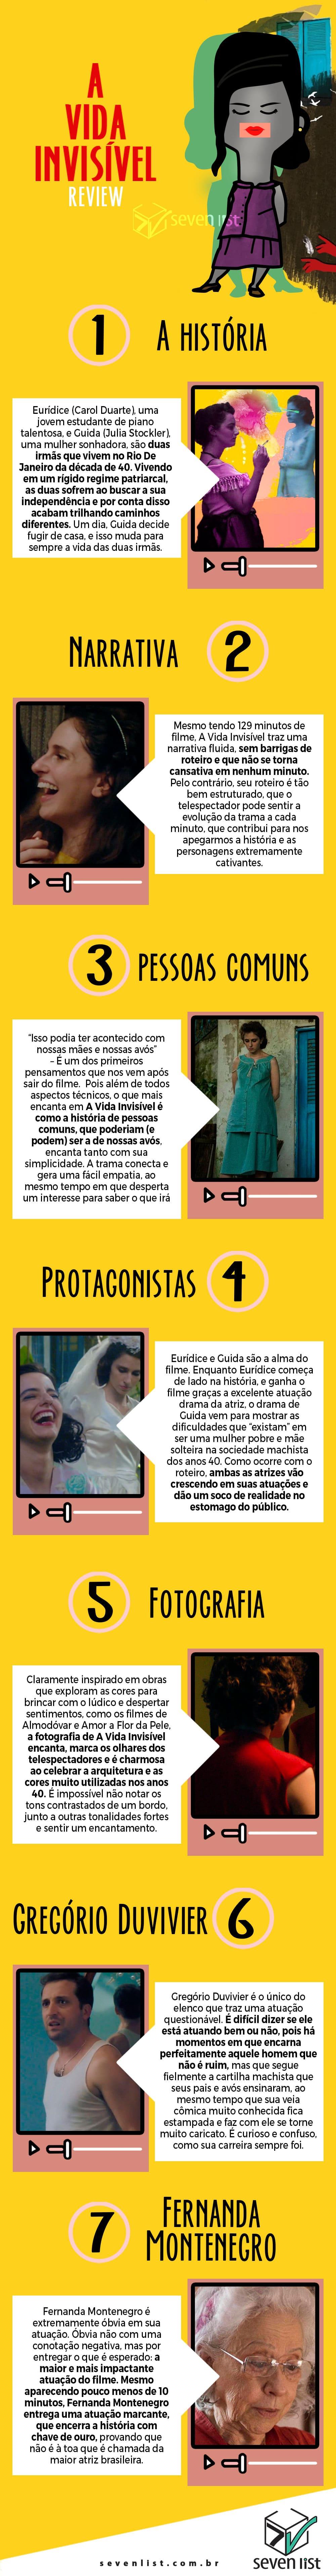 CRÍTICA DO FILME A VIDA INVISÍVEL - SEVEN LIST